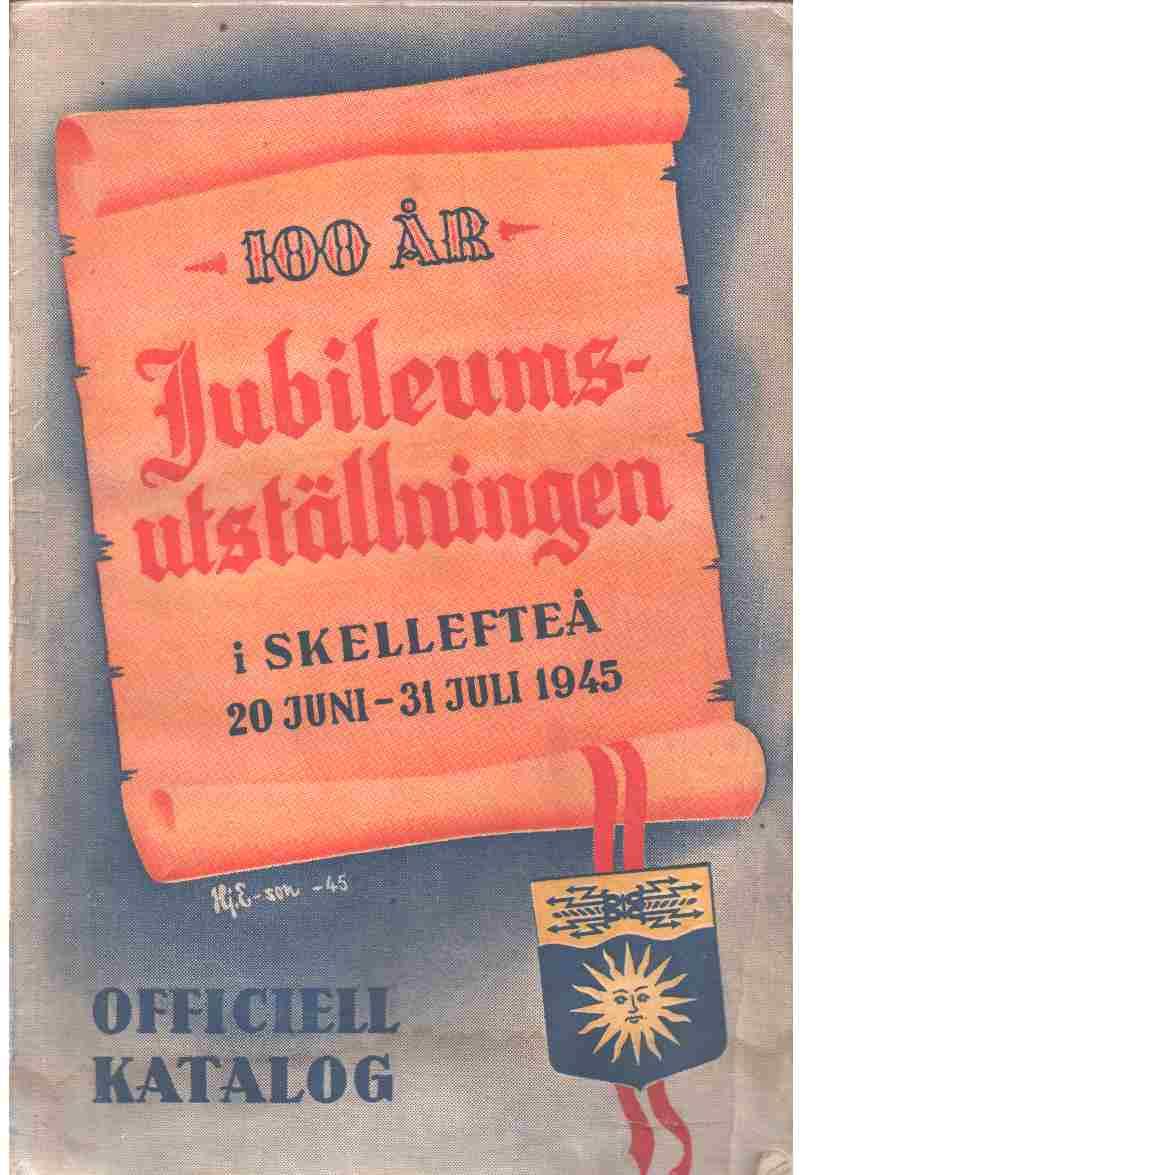 Officiell katalog över jubileumsutställningen i Skellefteå : 20 juni-31 juli 1945 - Red.